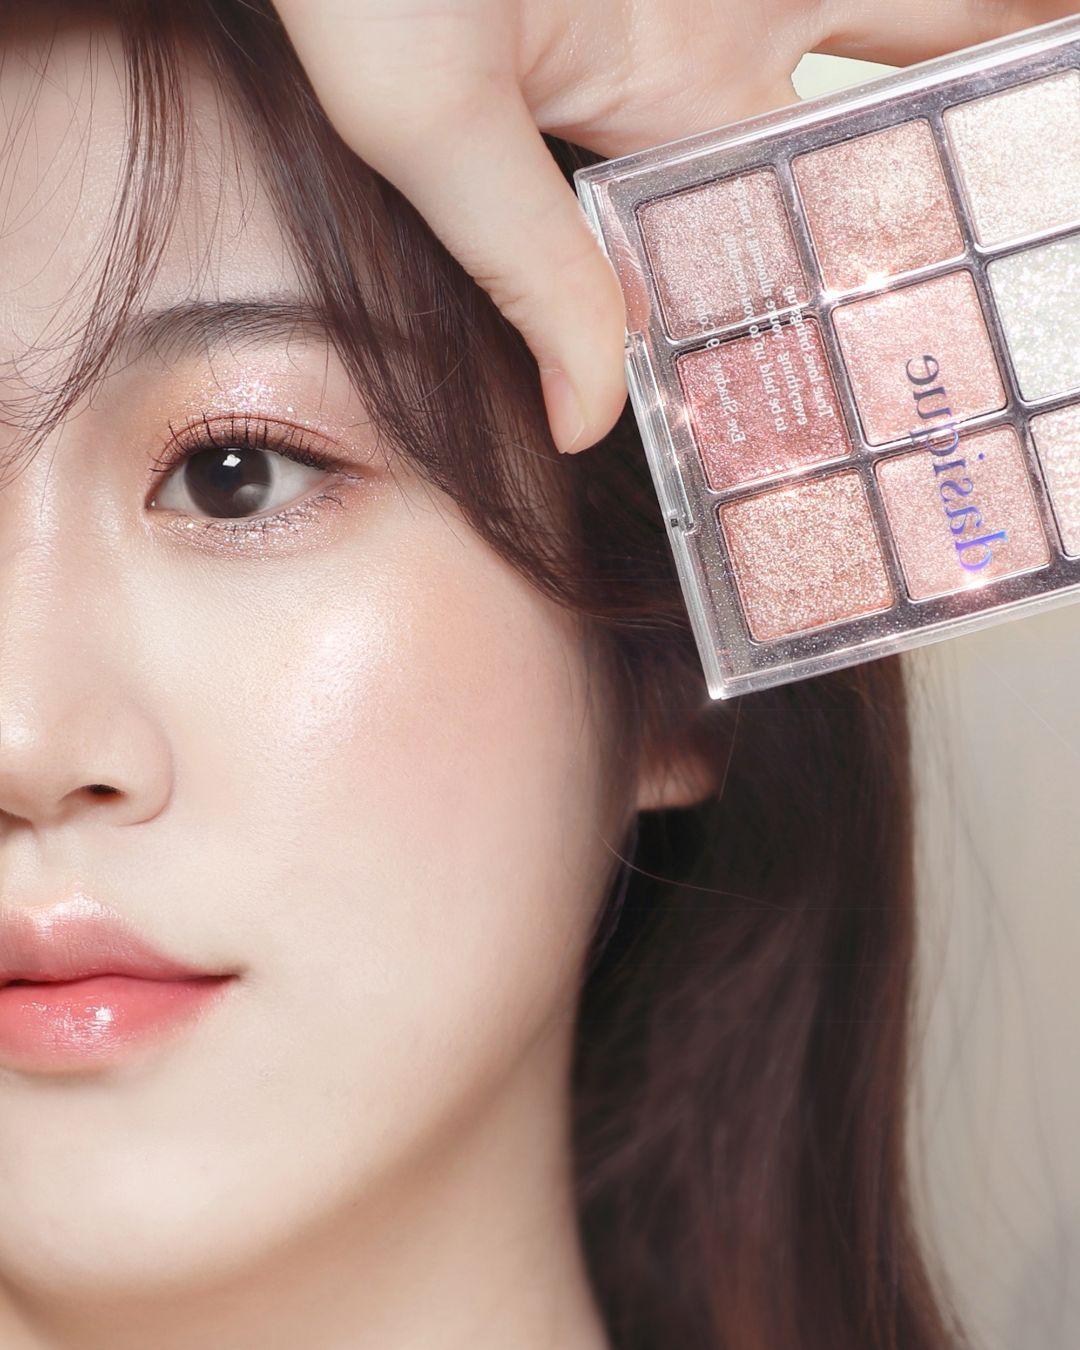 韩国化妆品加盟有哪些品牌(韩国进口化妆品加盟店排行榜)